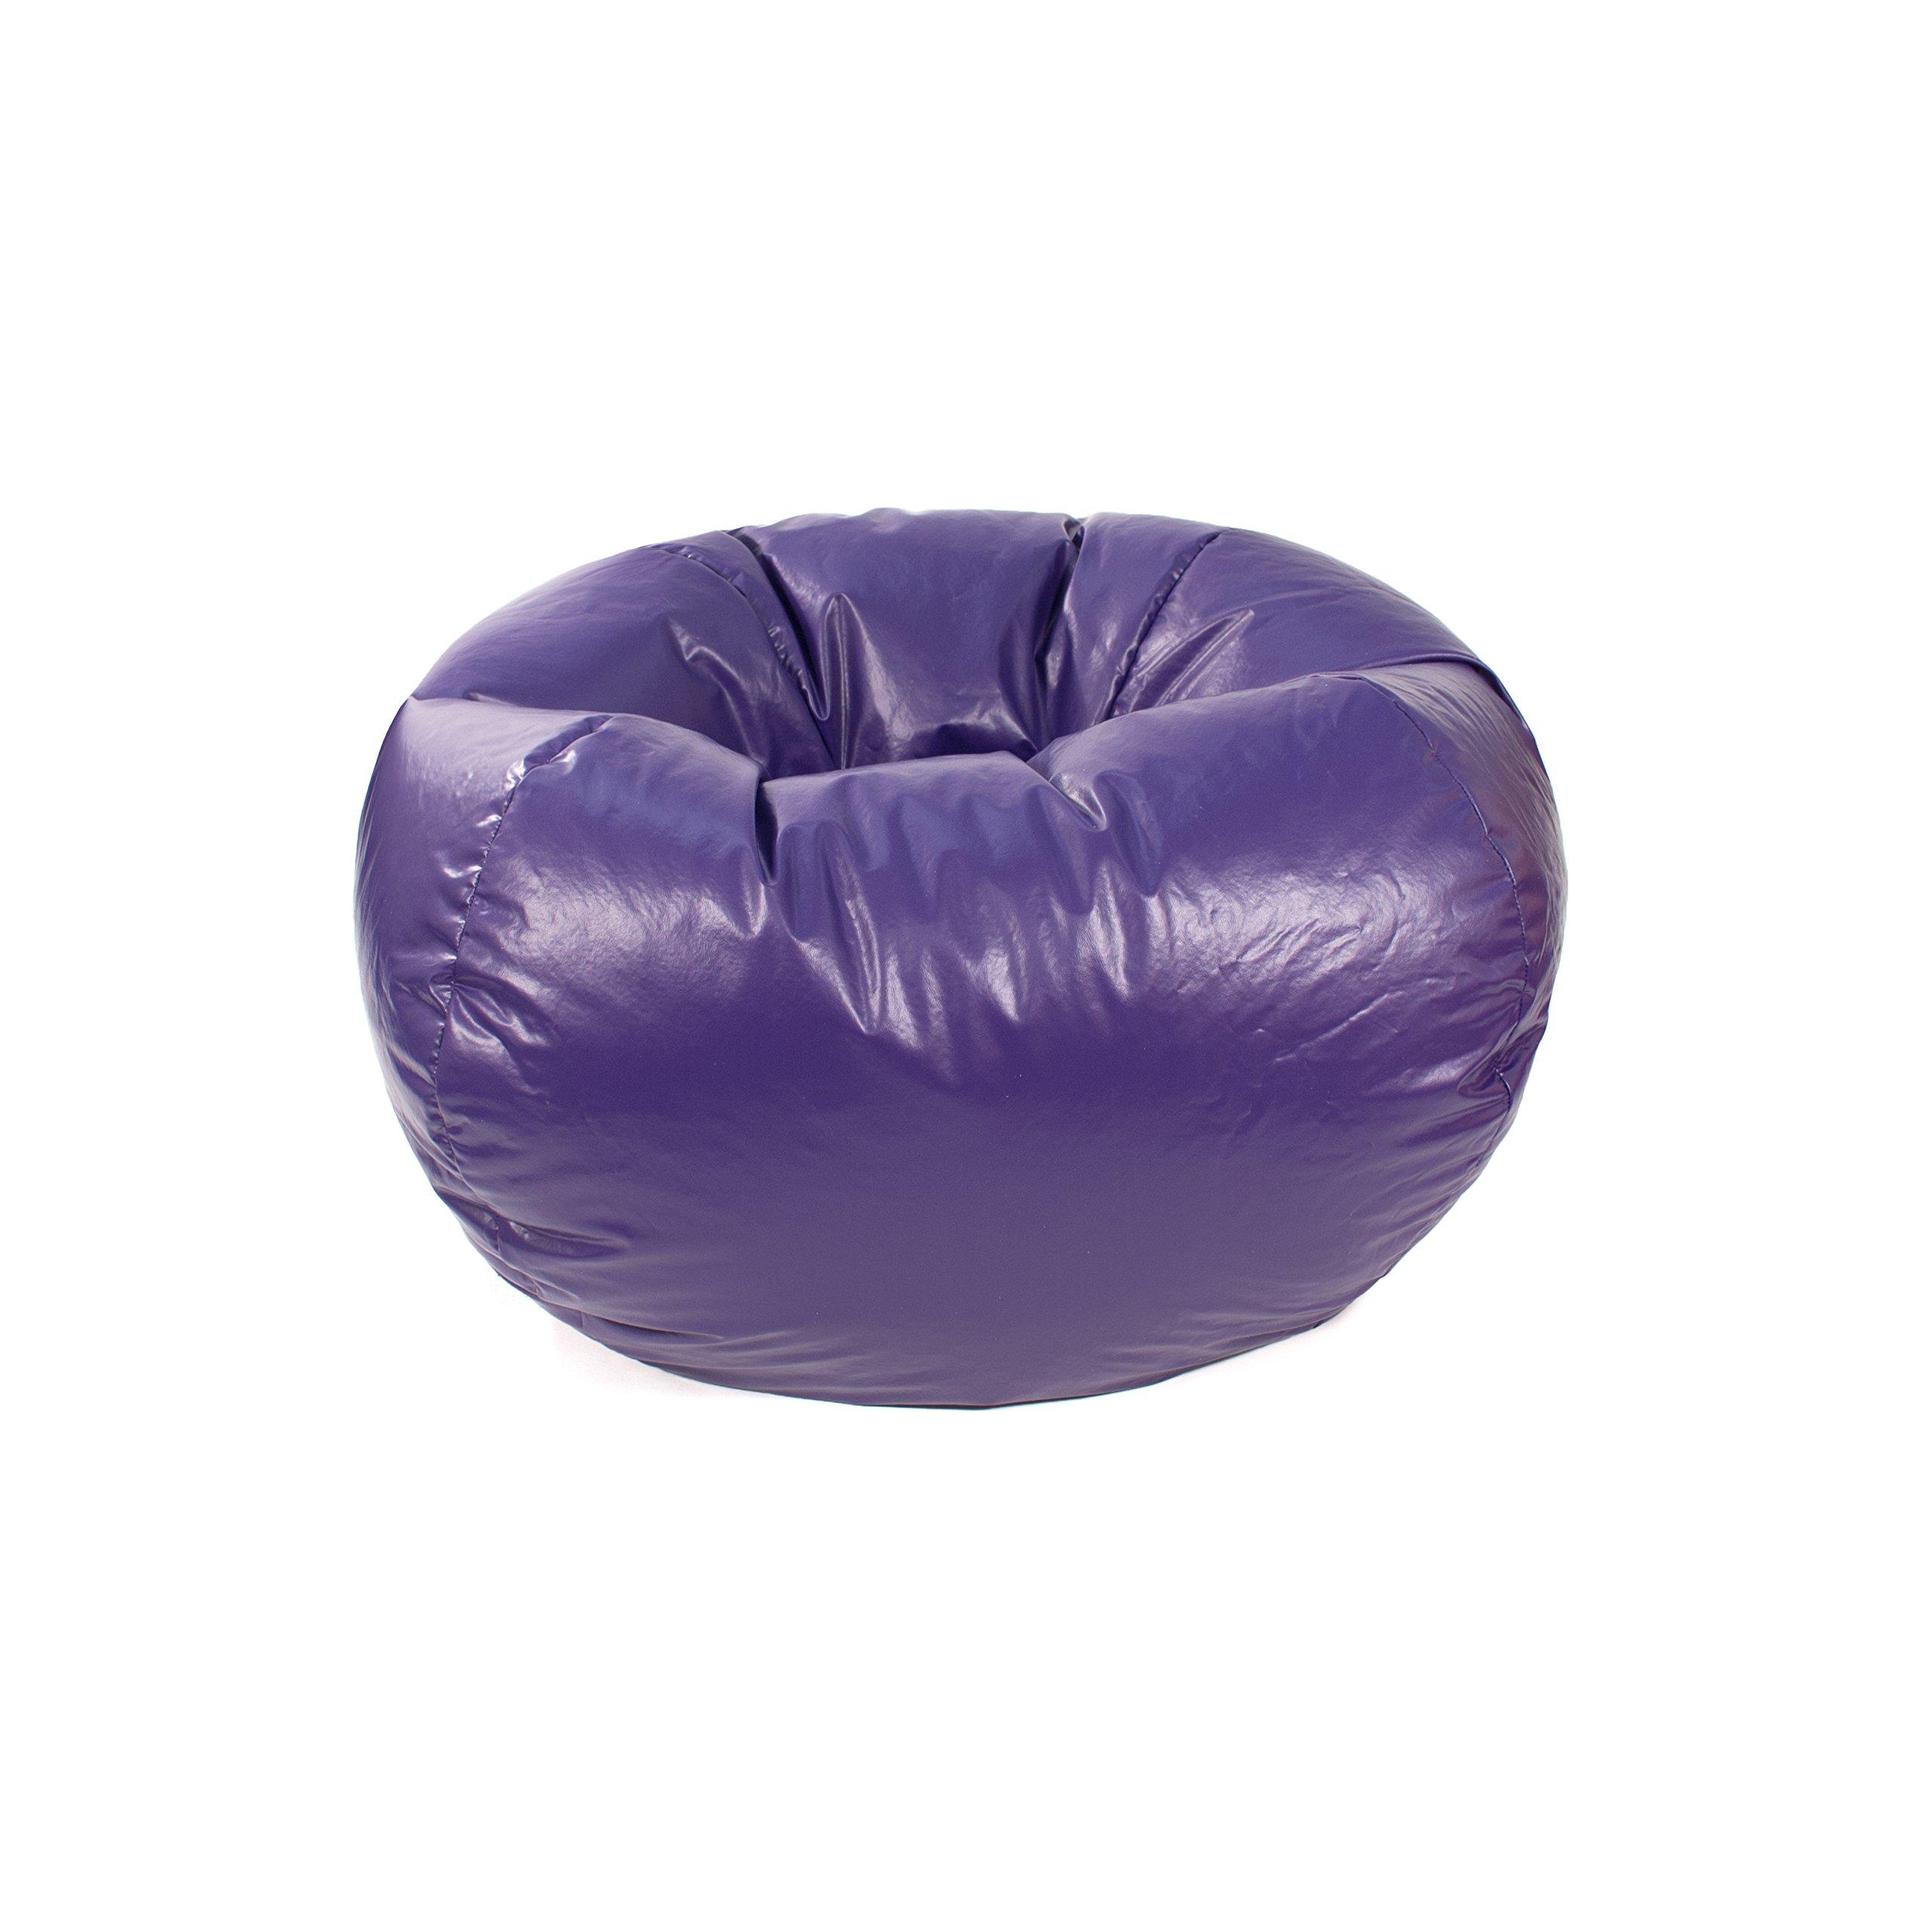 Gold Medal Bean Bags 30010546817 Medium Leather Look Beanbag, Tween Size, Purple